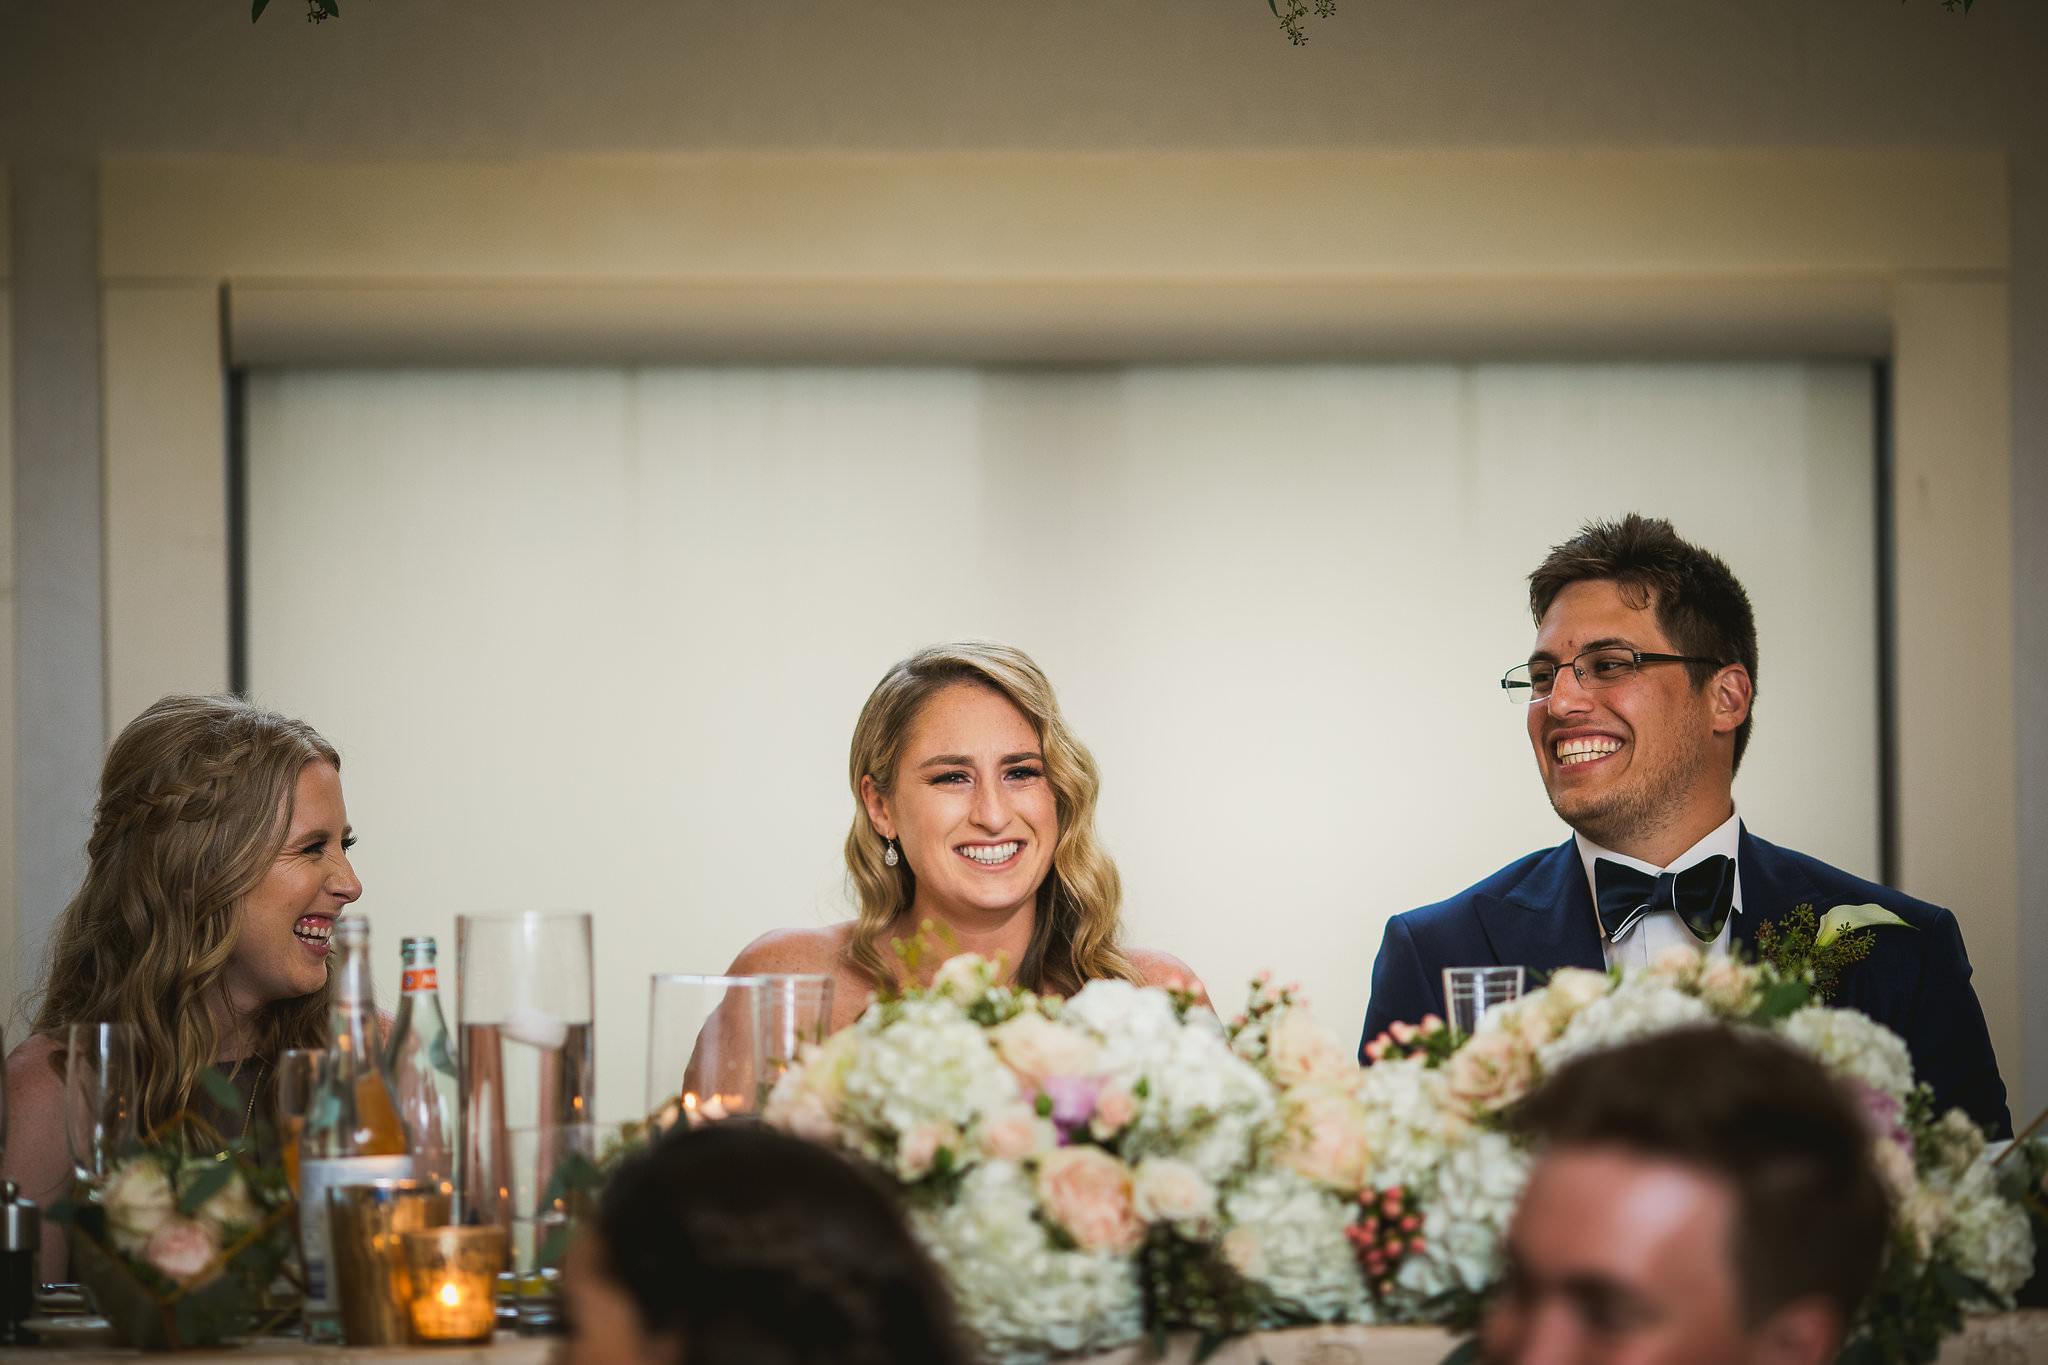 whistlebearweddingphotos 714 - Whistle Bear Wedding Photos